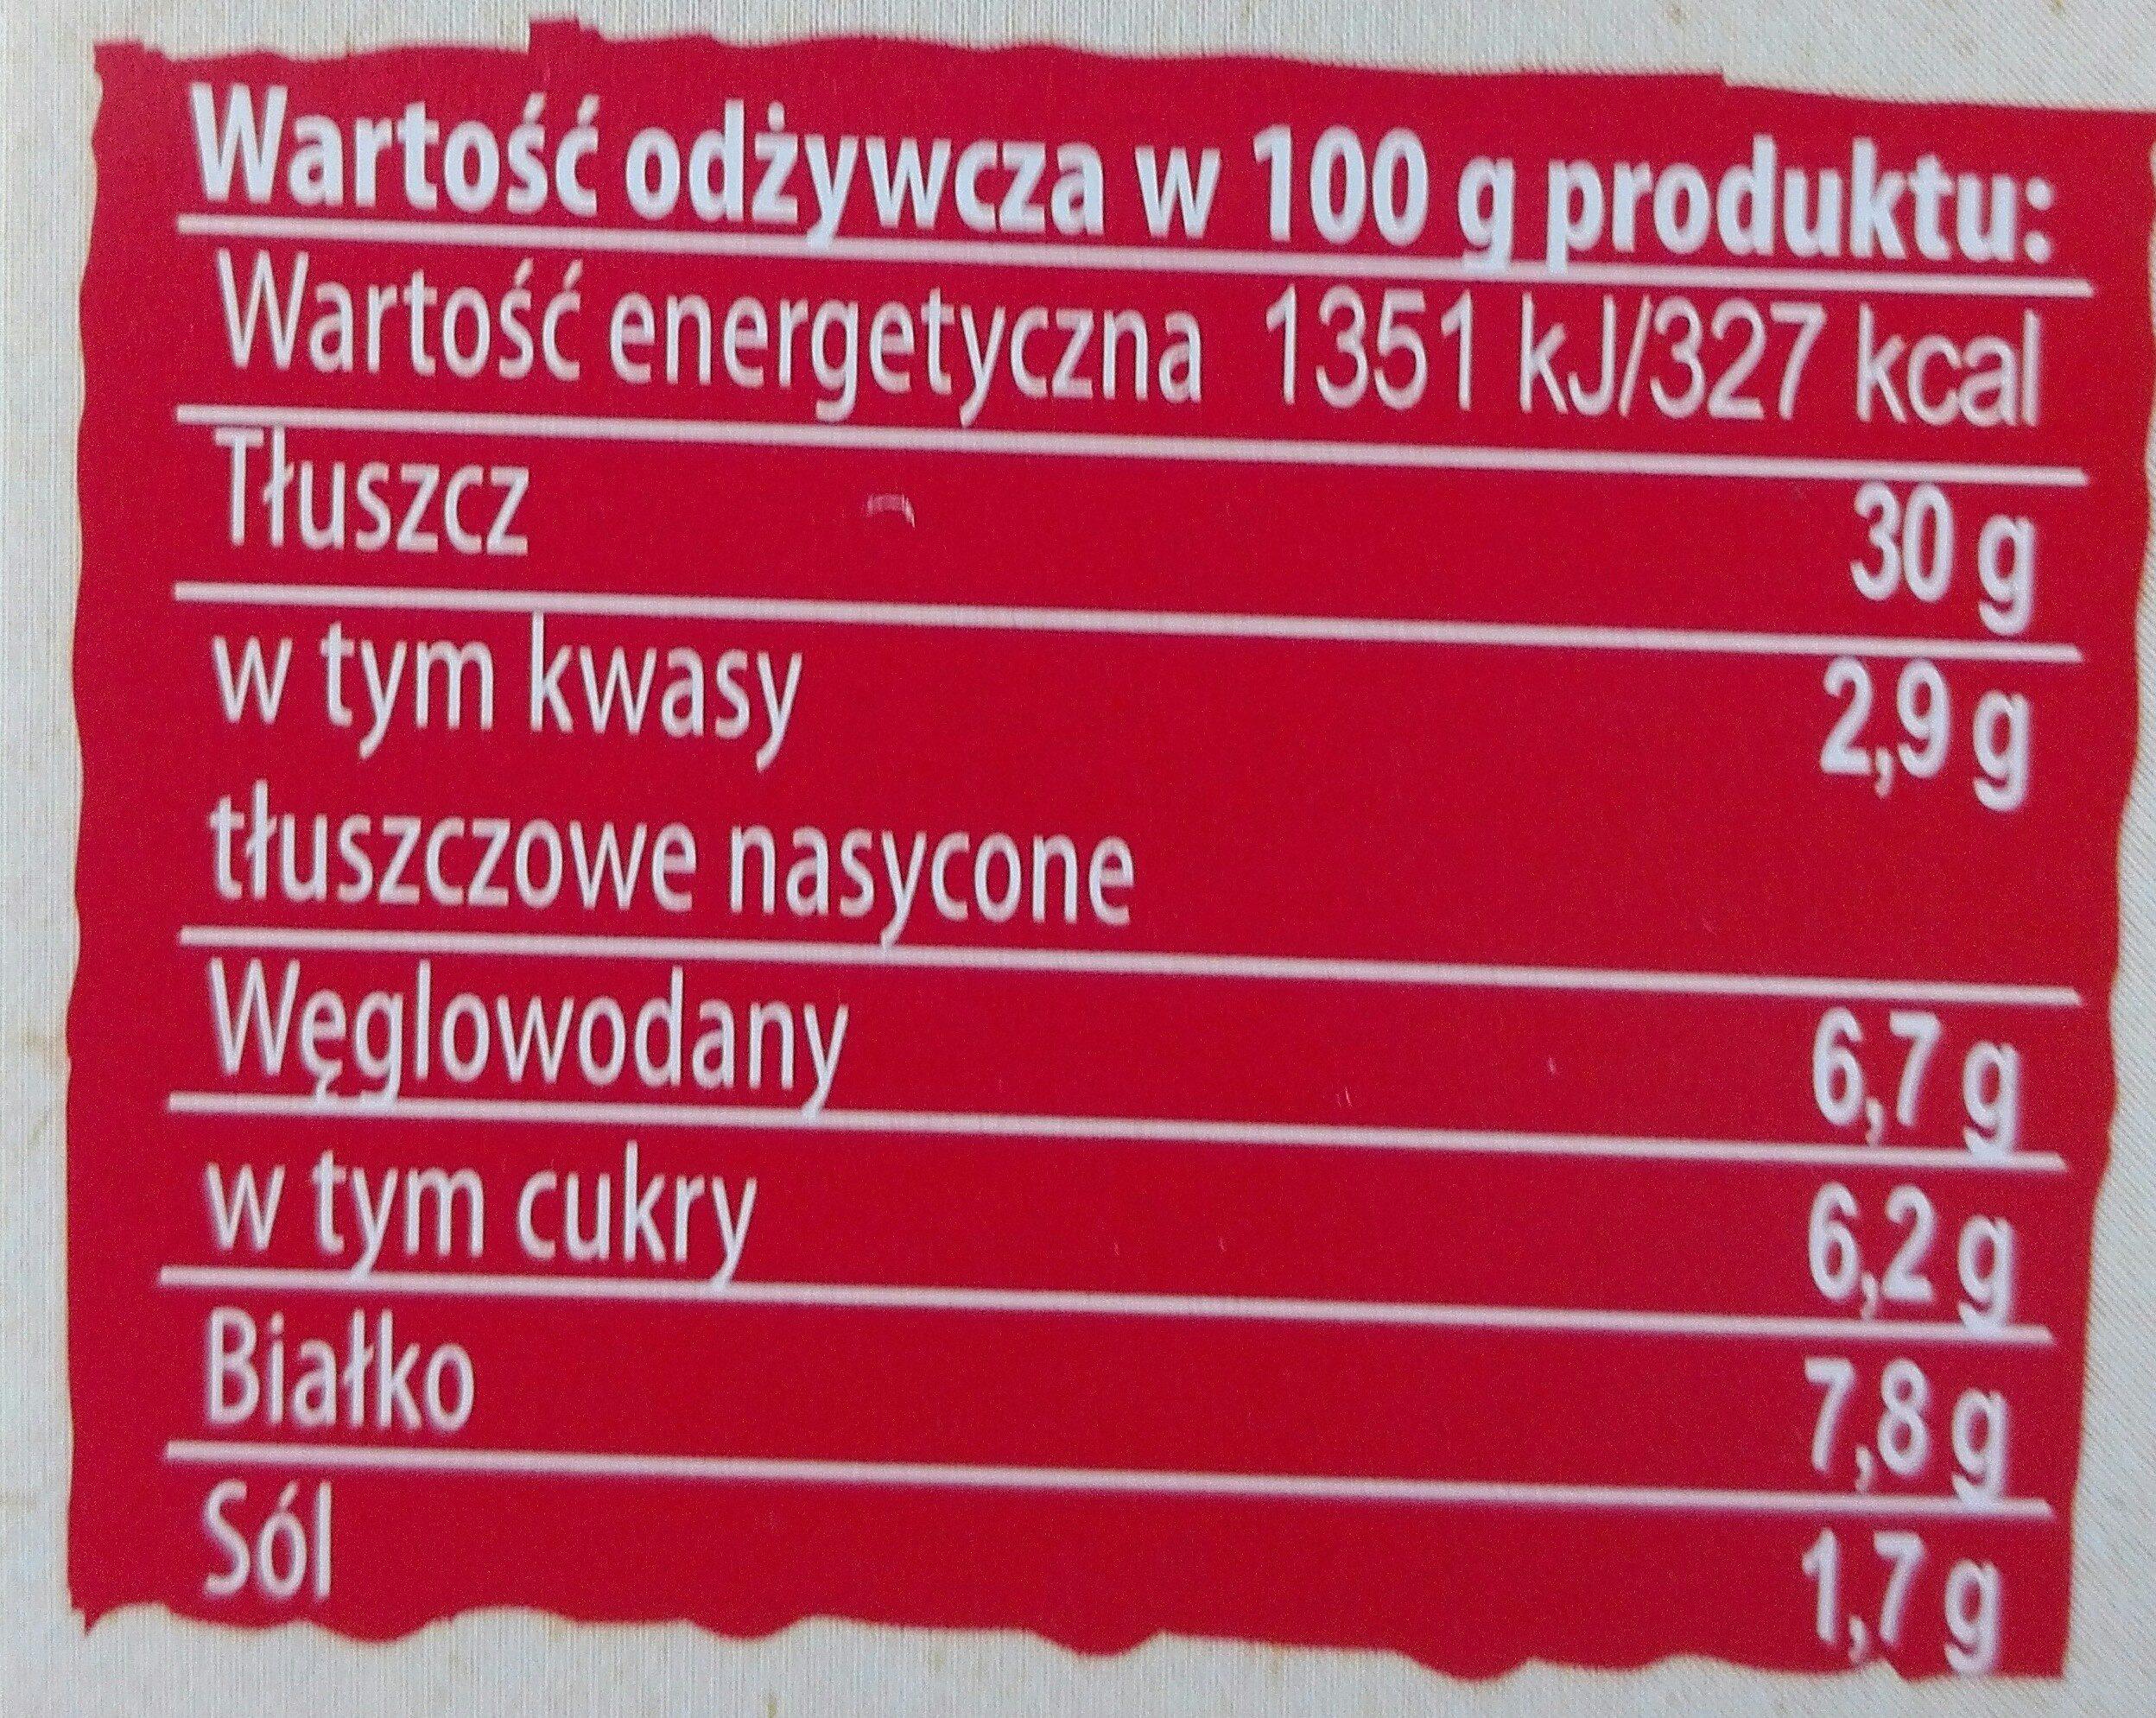 koreczki śledziowe po kaszubsku - Wartości odżywcze - pl